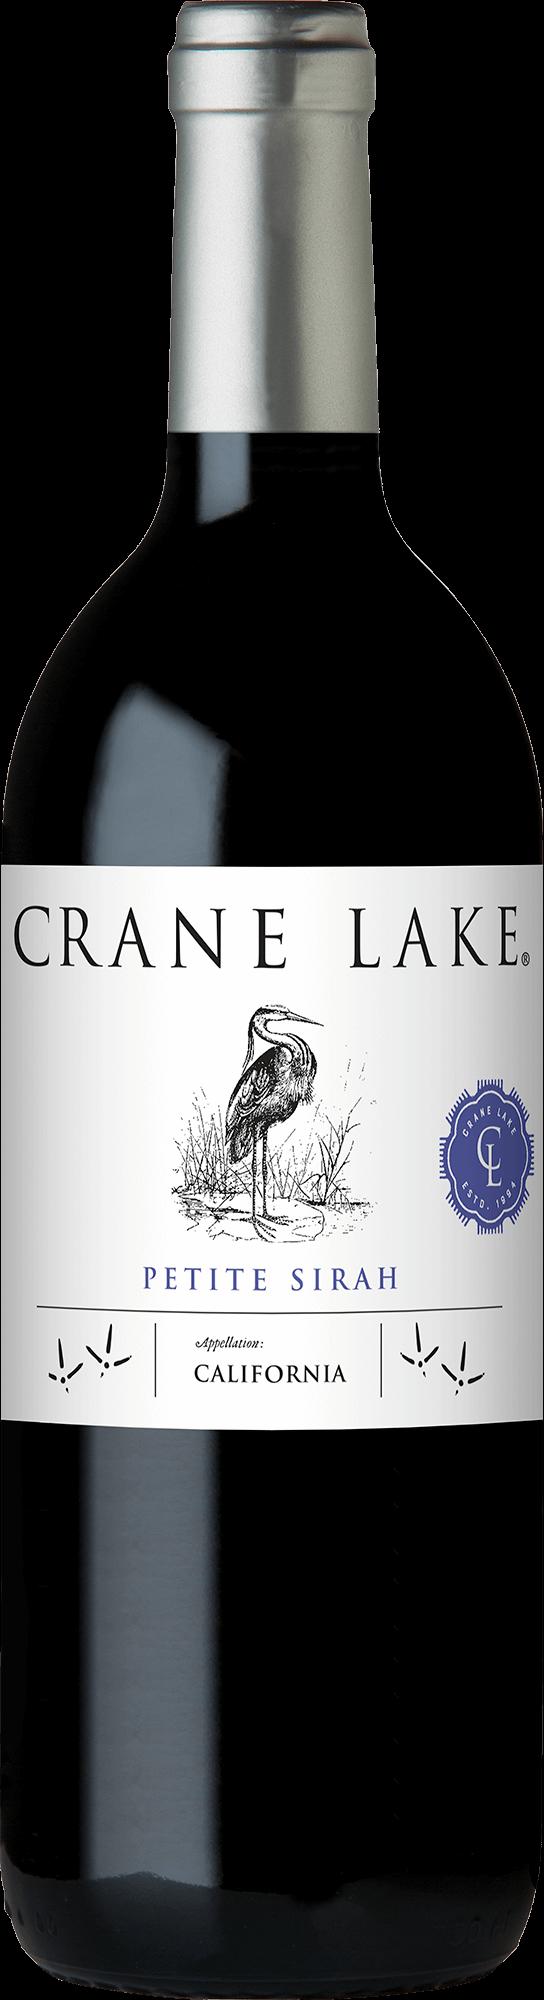 Crane Lake Petite Sirah Bottleshots